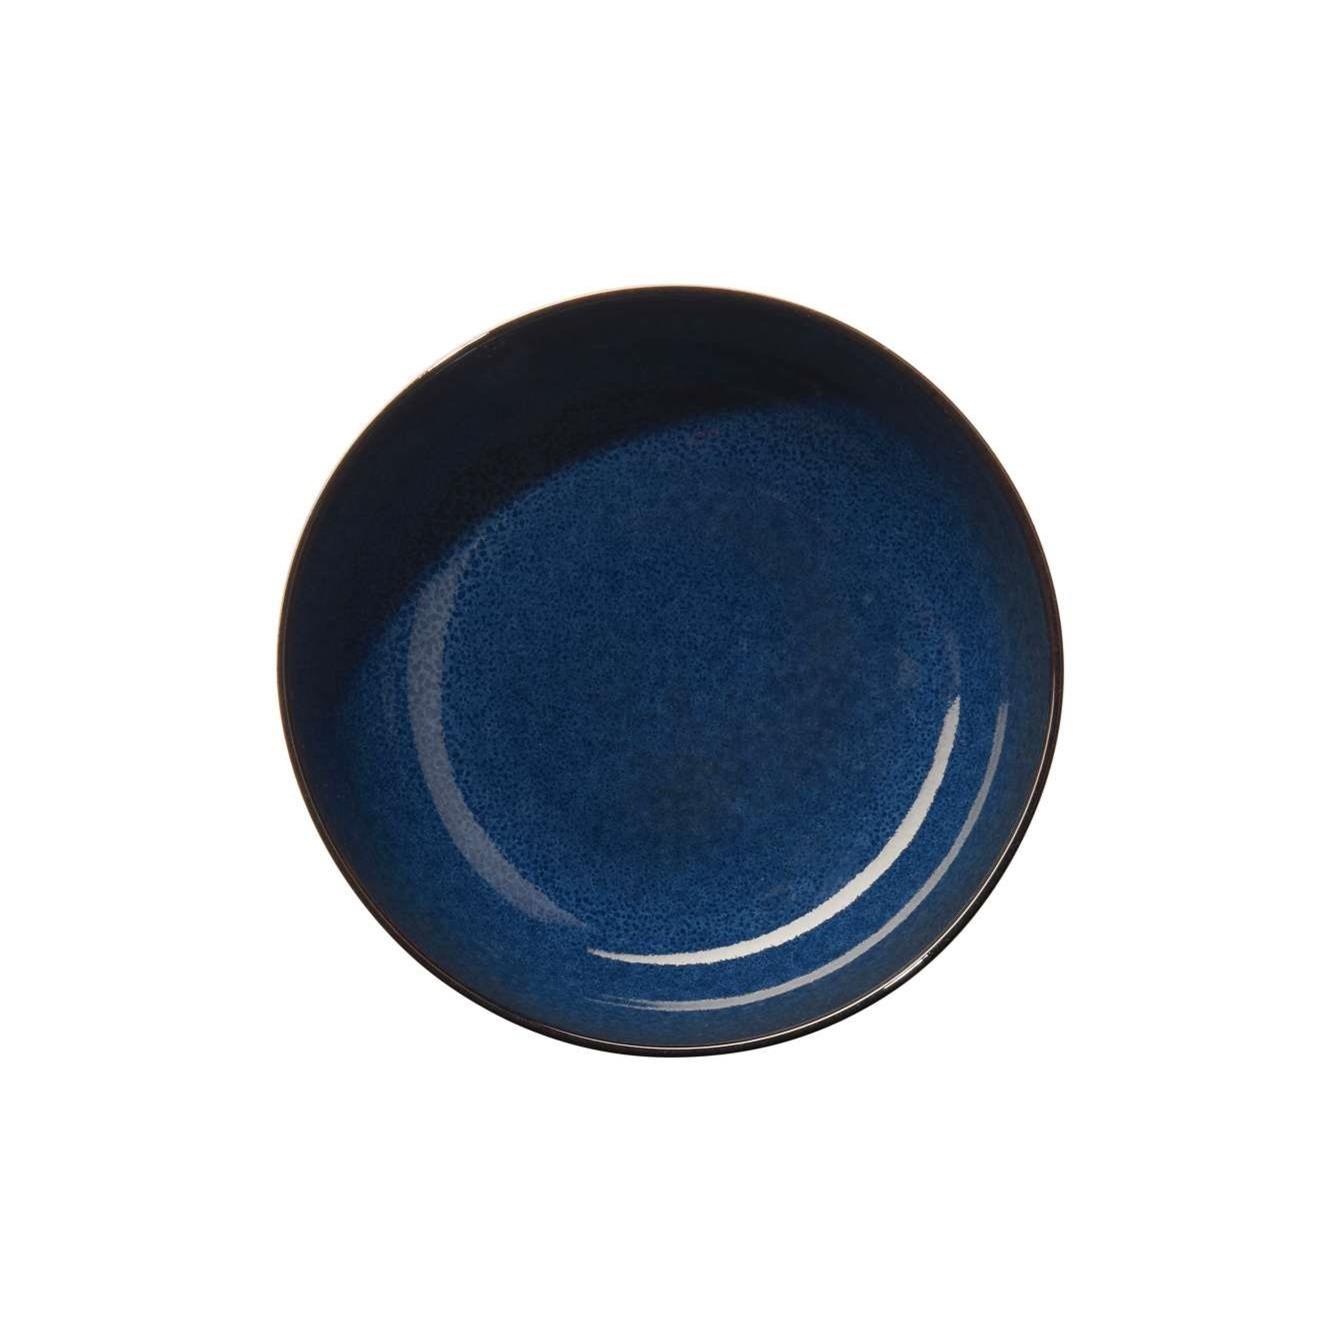 Miska SAISONS 15 cm modrá_0